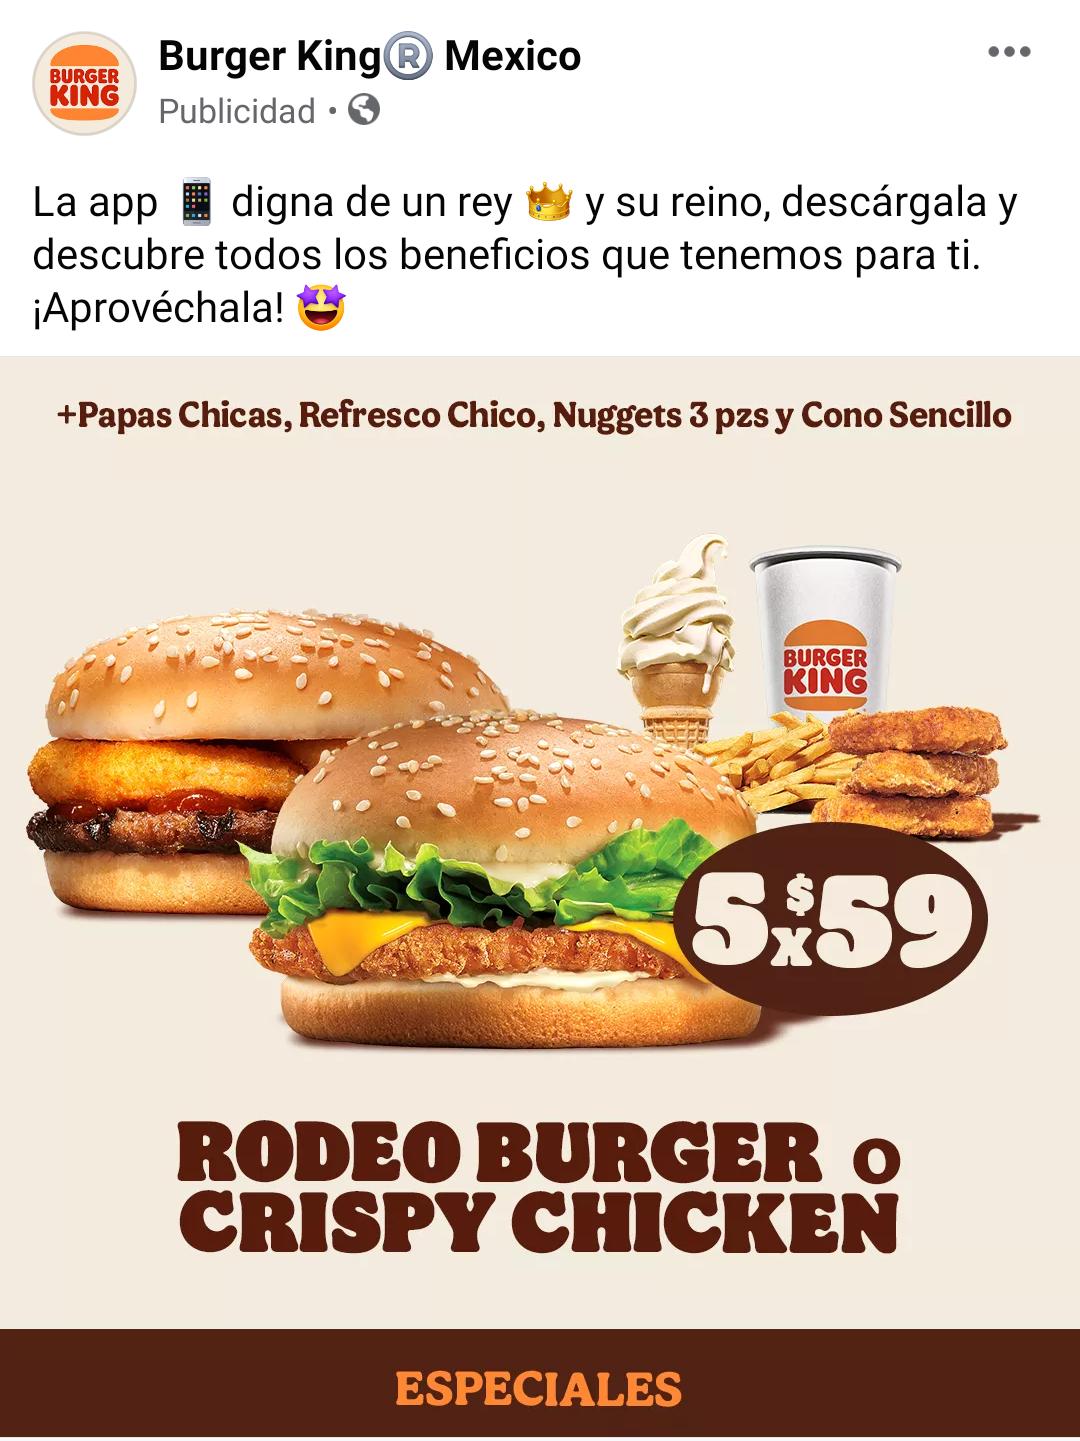 Burger King: Hamburguesa + Papas Chicas +Refresco Chico + Nuggets 3 piezas + Cono Sencillo x 59